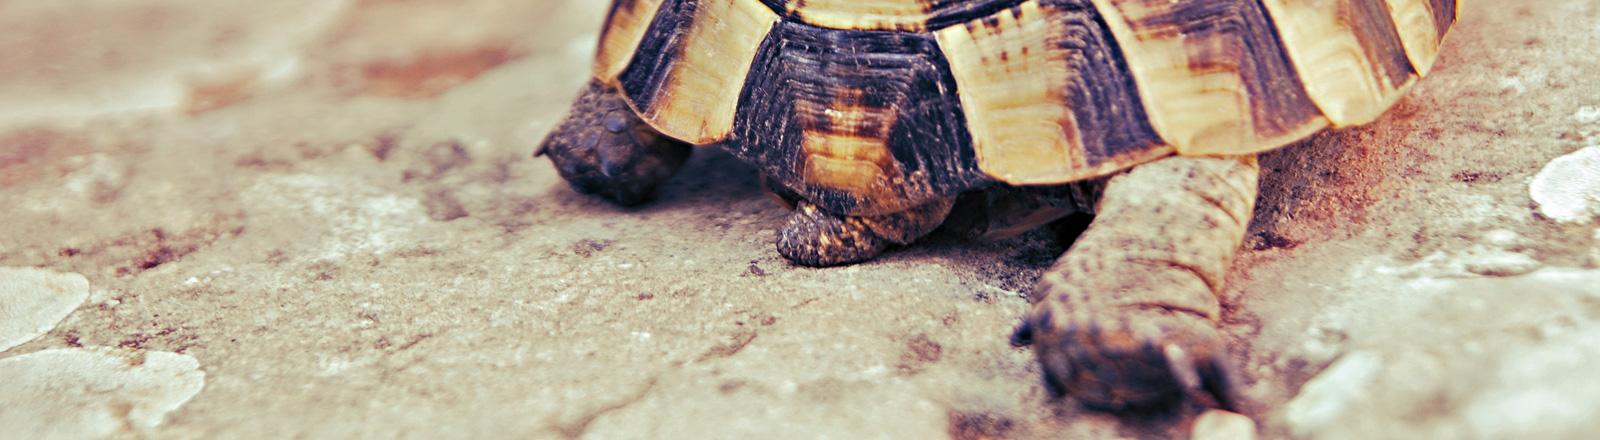 Eine Schildkröte bewegt sich über Erde. Der Ausschnitt zeigt ihren Panzer und ihr beiden Hinterfüße, der rechte ist ausgestreckt.